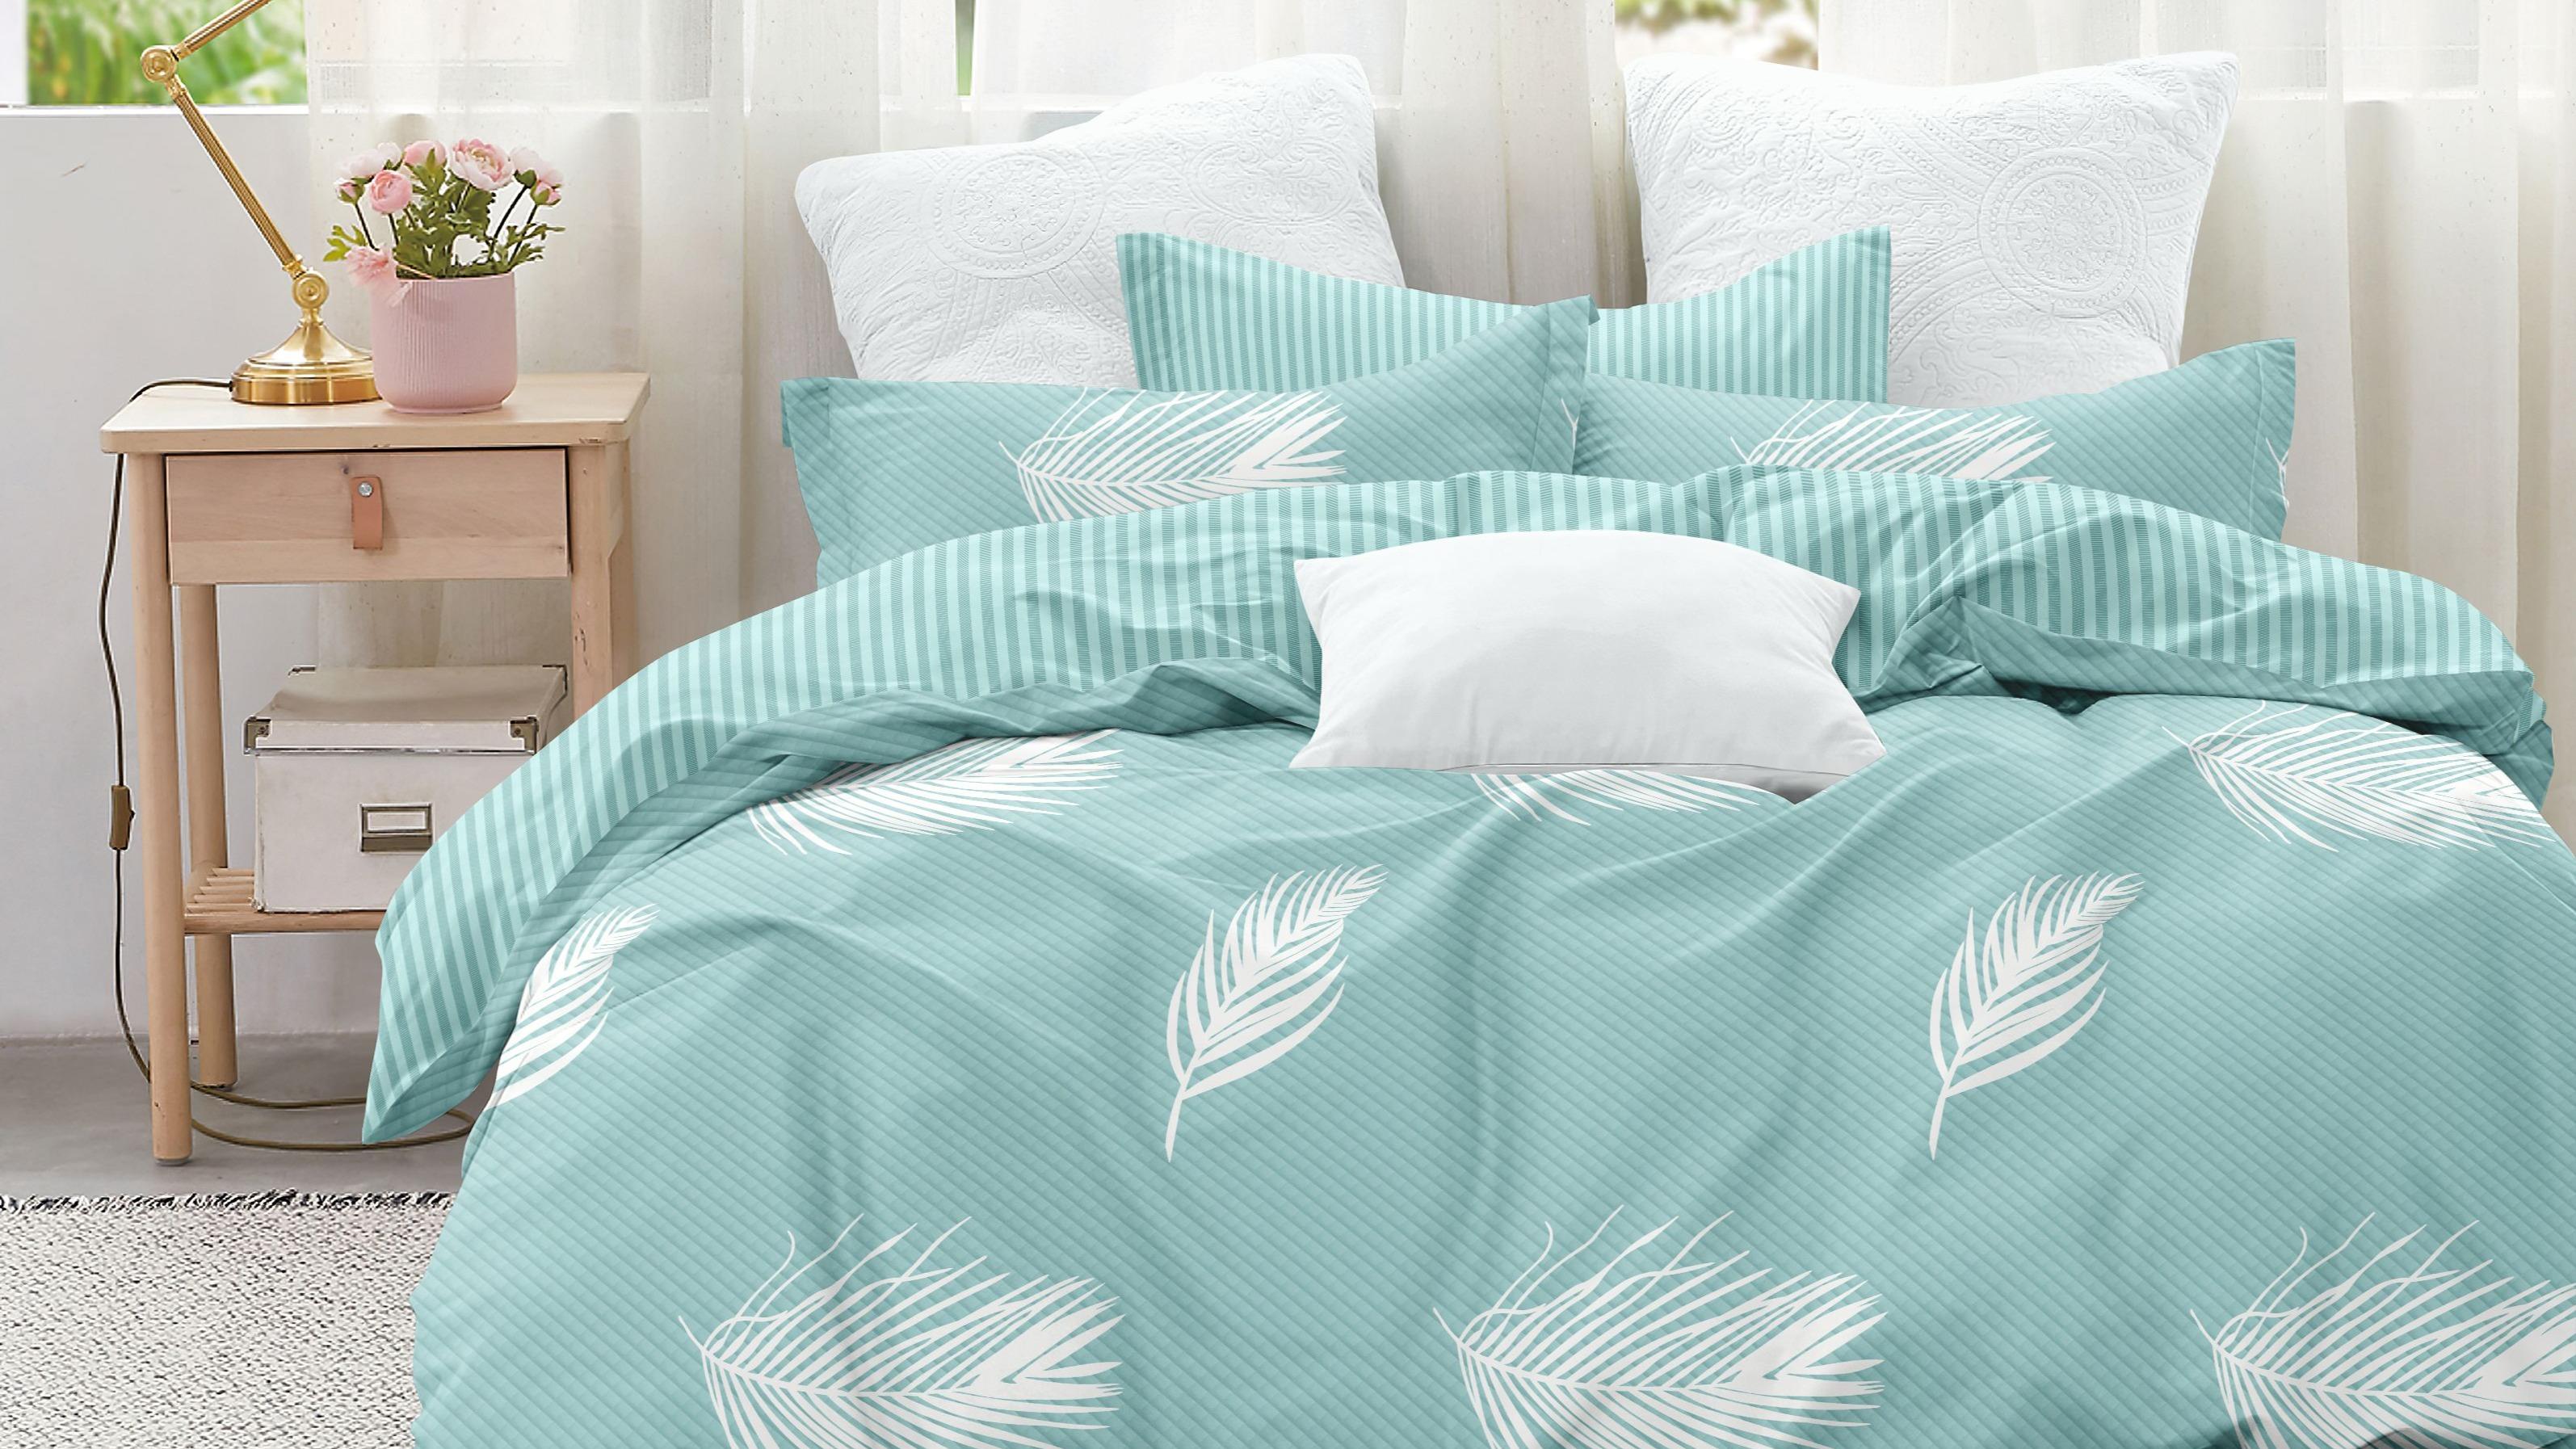 Как правильно сделать замер спального места и подобрать постельное белье?